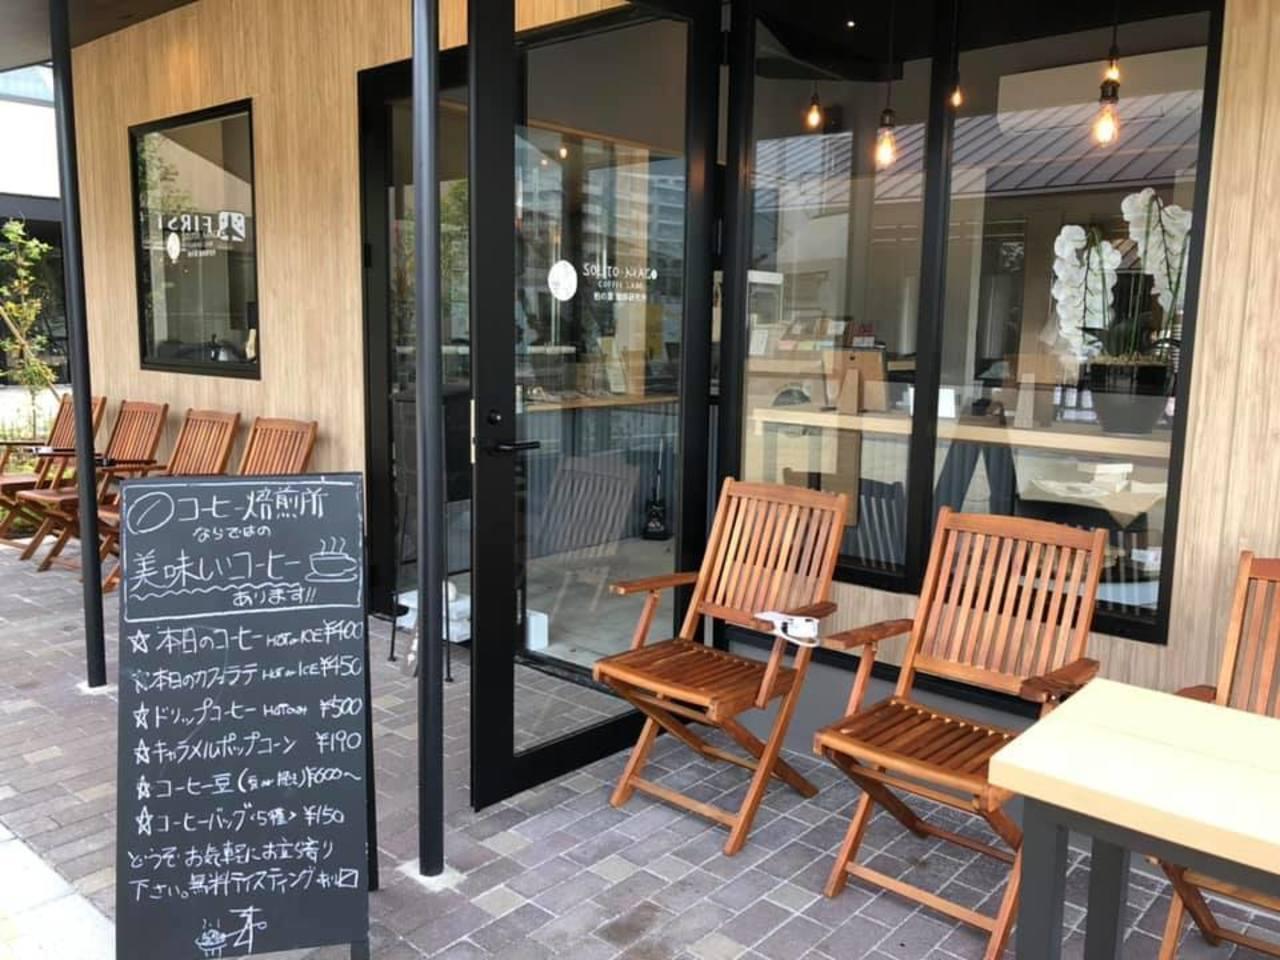 ちょっとだけ魔法を...千葉県柏市若柴のファーストキャビン横に「ソリトマーゴコーヒーラボ」